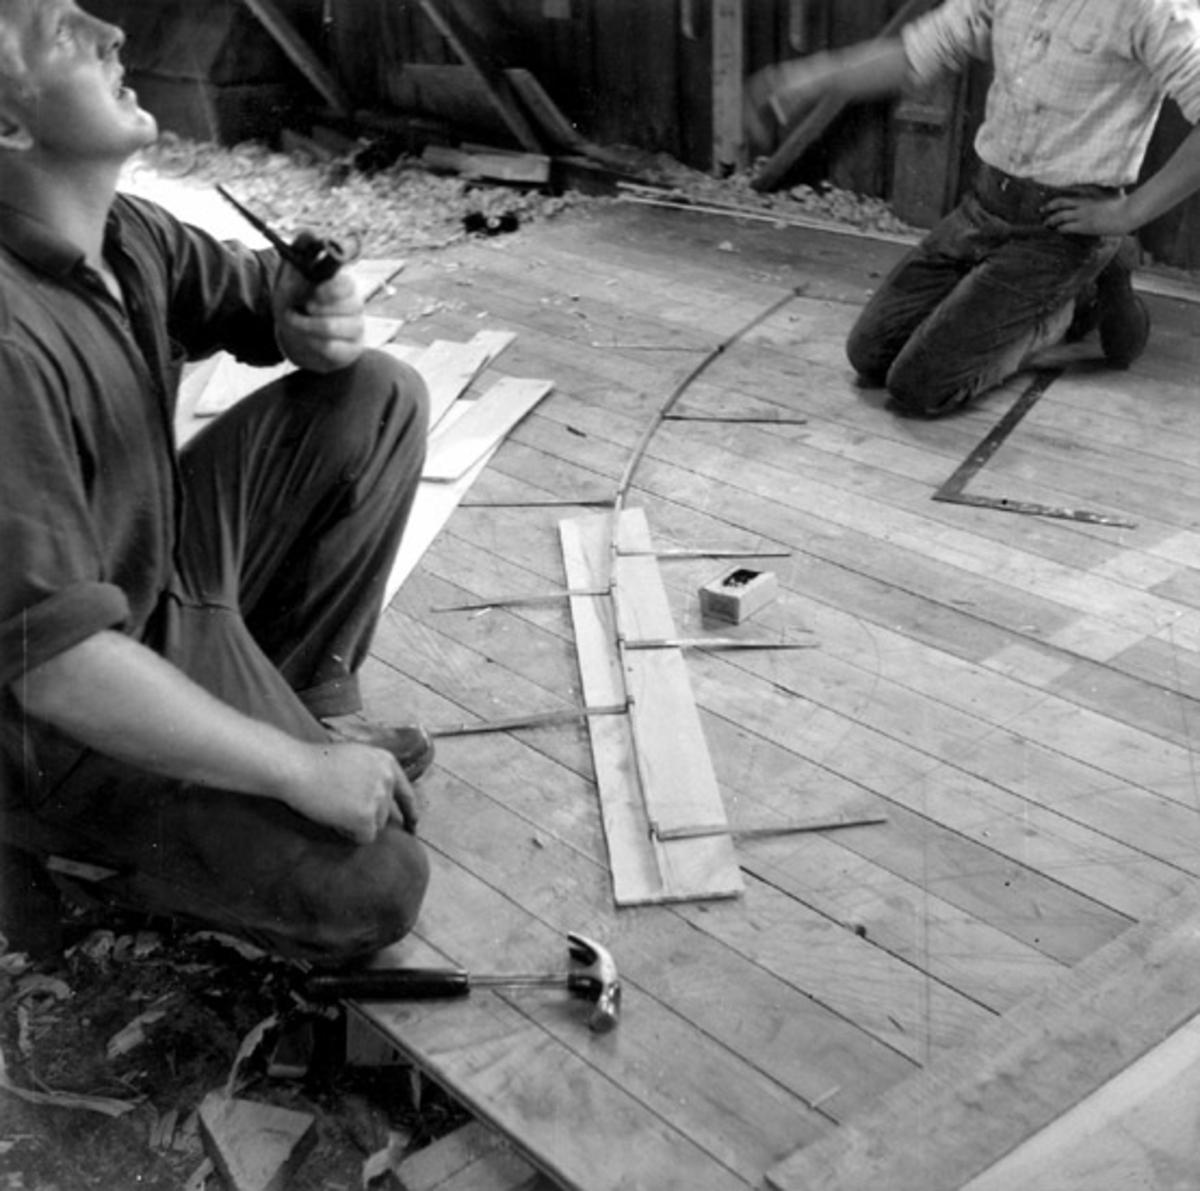 Skrivet på vidhängande papper: Spantformen överförs från traekstok till mallbräda. Fotograferat av: Ole Crumlin - Pedersen Fotot är taget: 1964-08-05